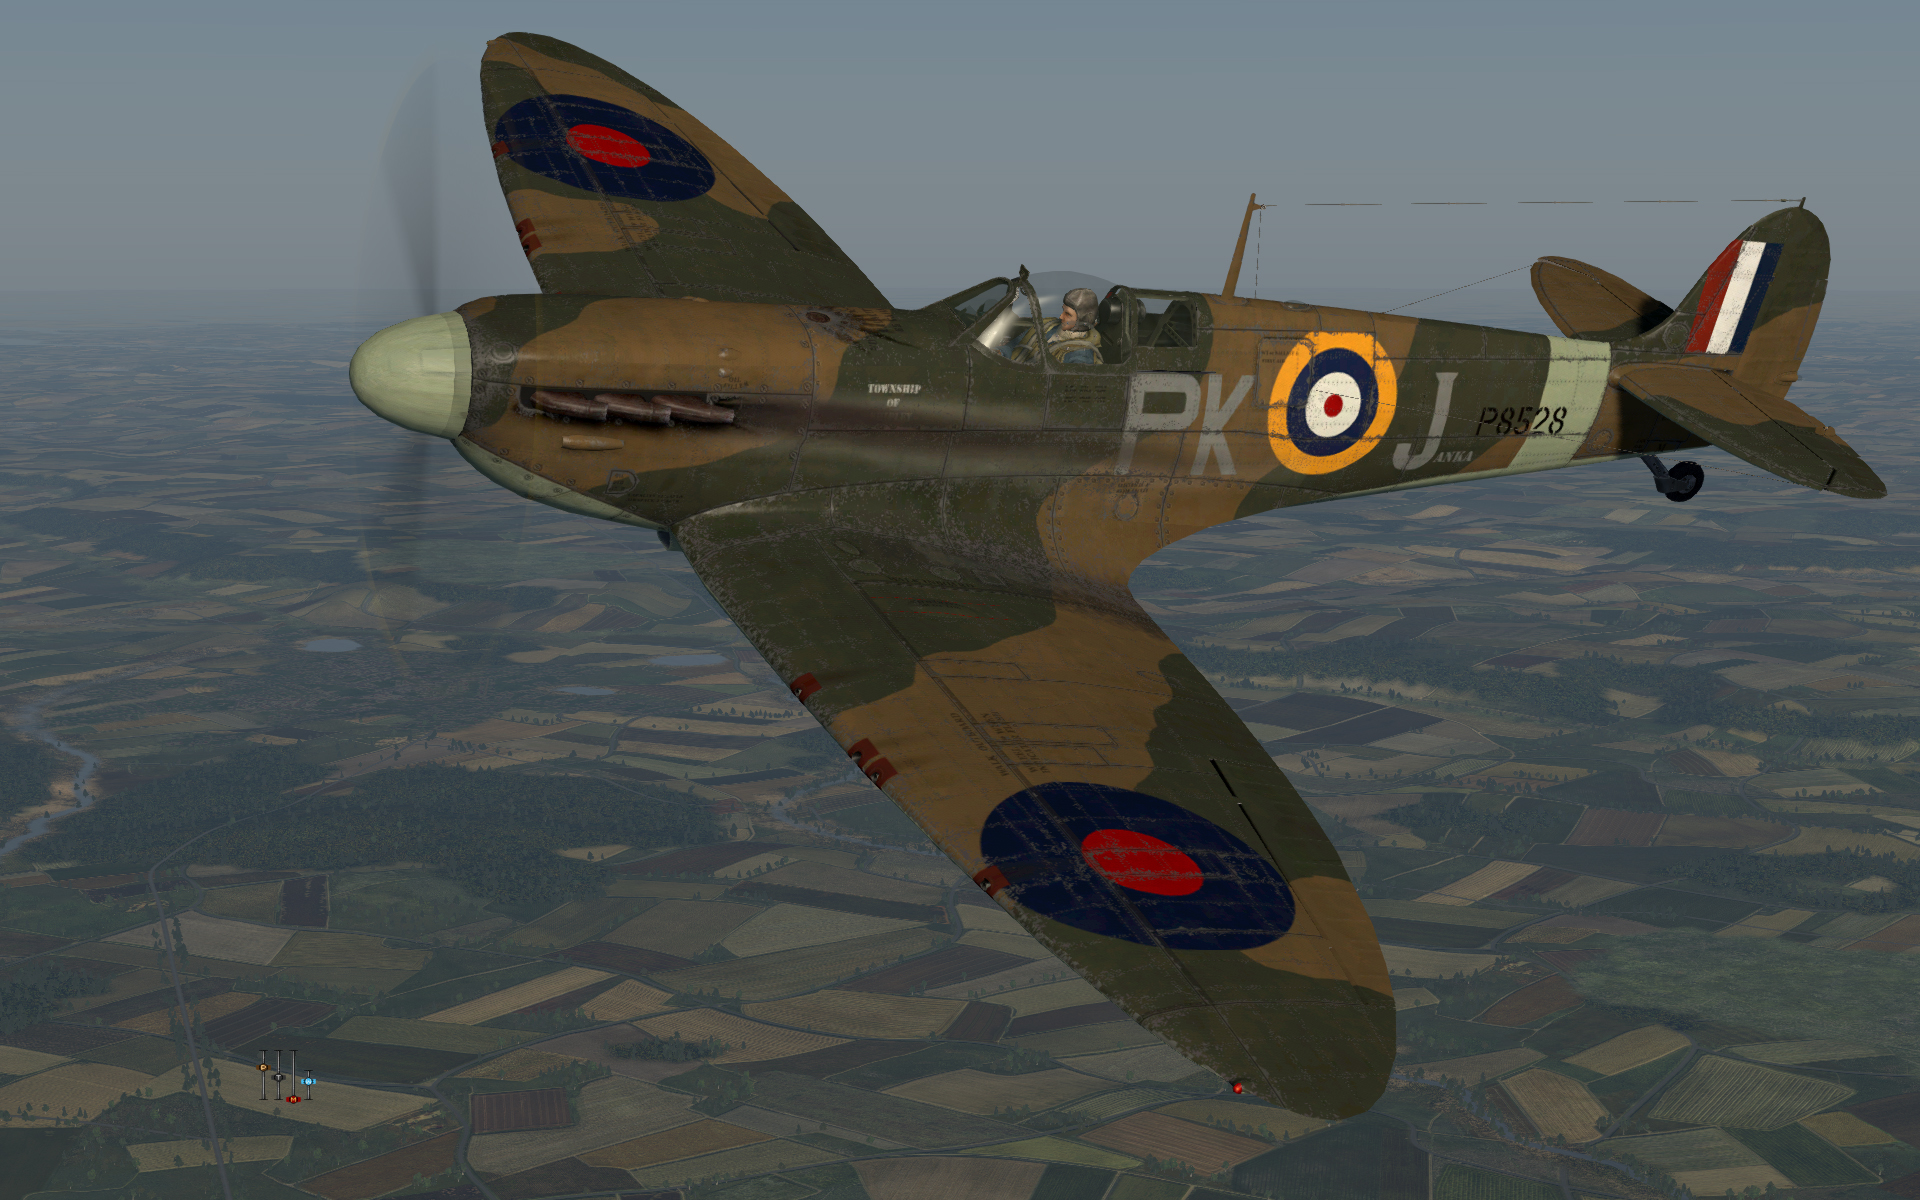 COD KF MkII RAF 315Sqn PKJ P8528 Northolt England July 1941 V0A